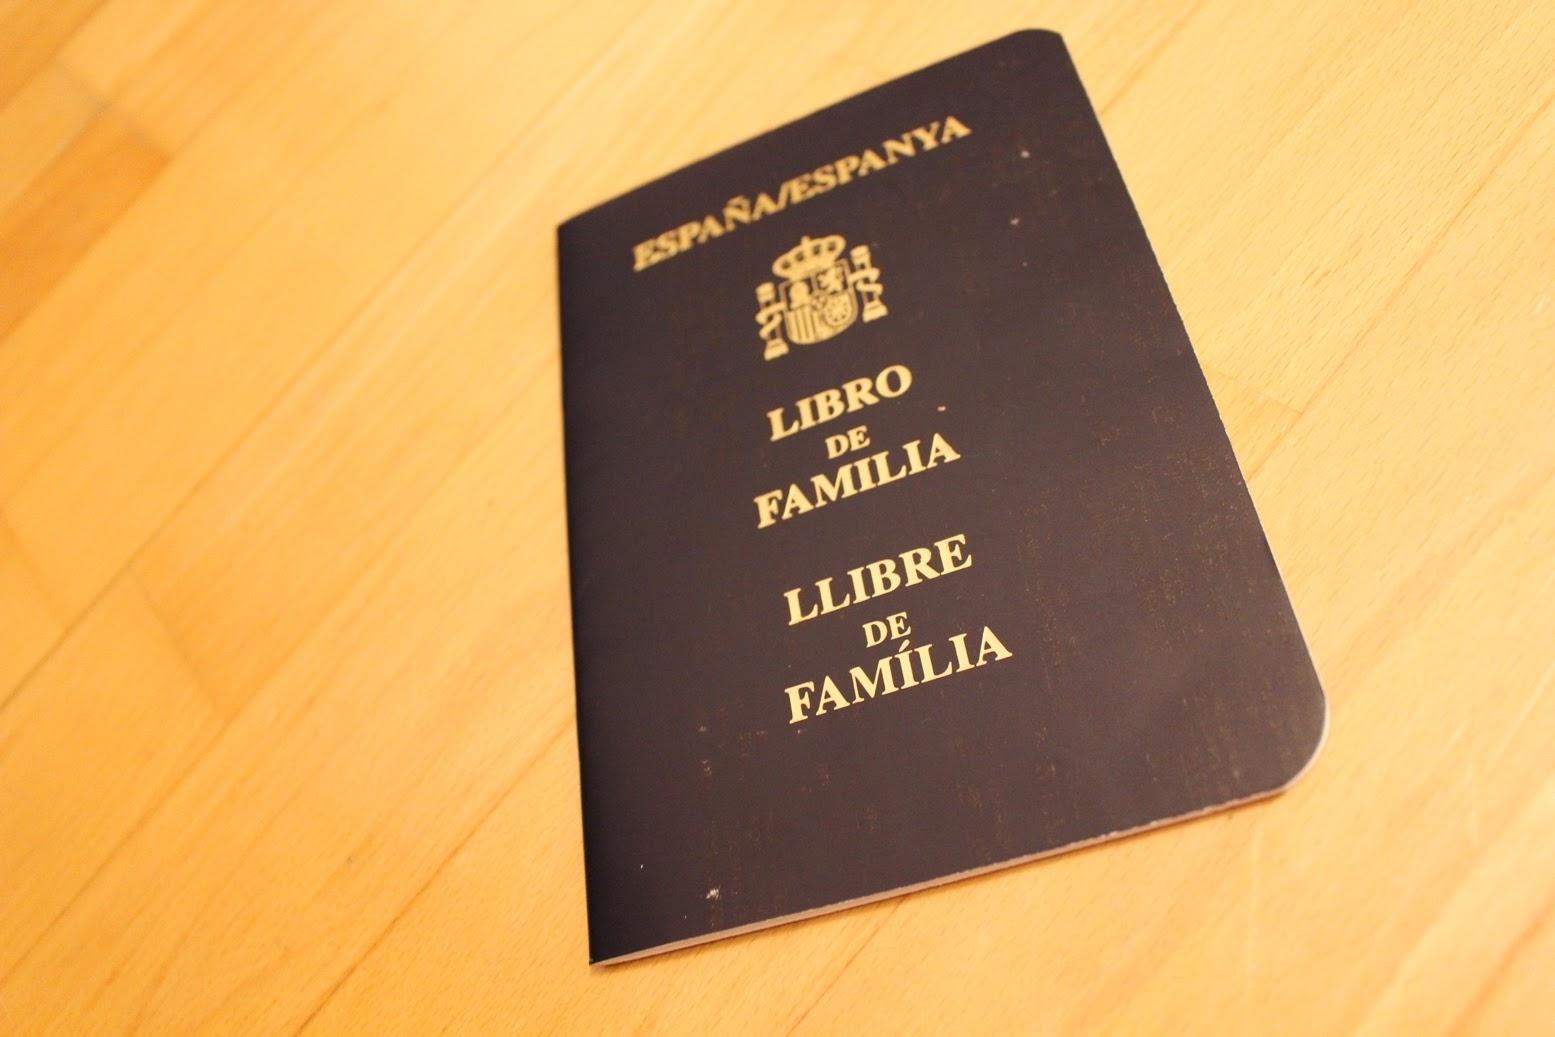 Suomen sukunimilaki on patriarkaalisempi kuin Espanjan - Pauloissa